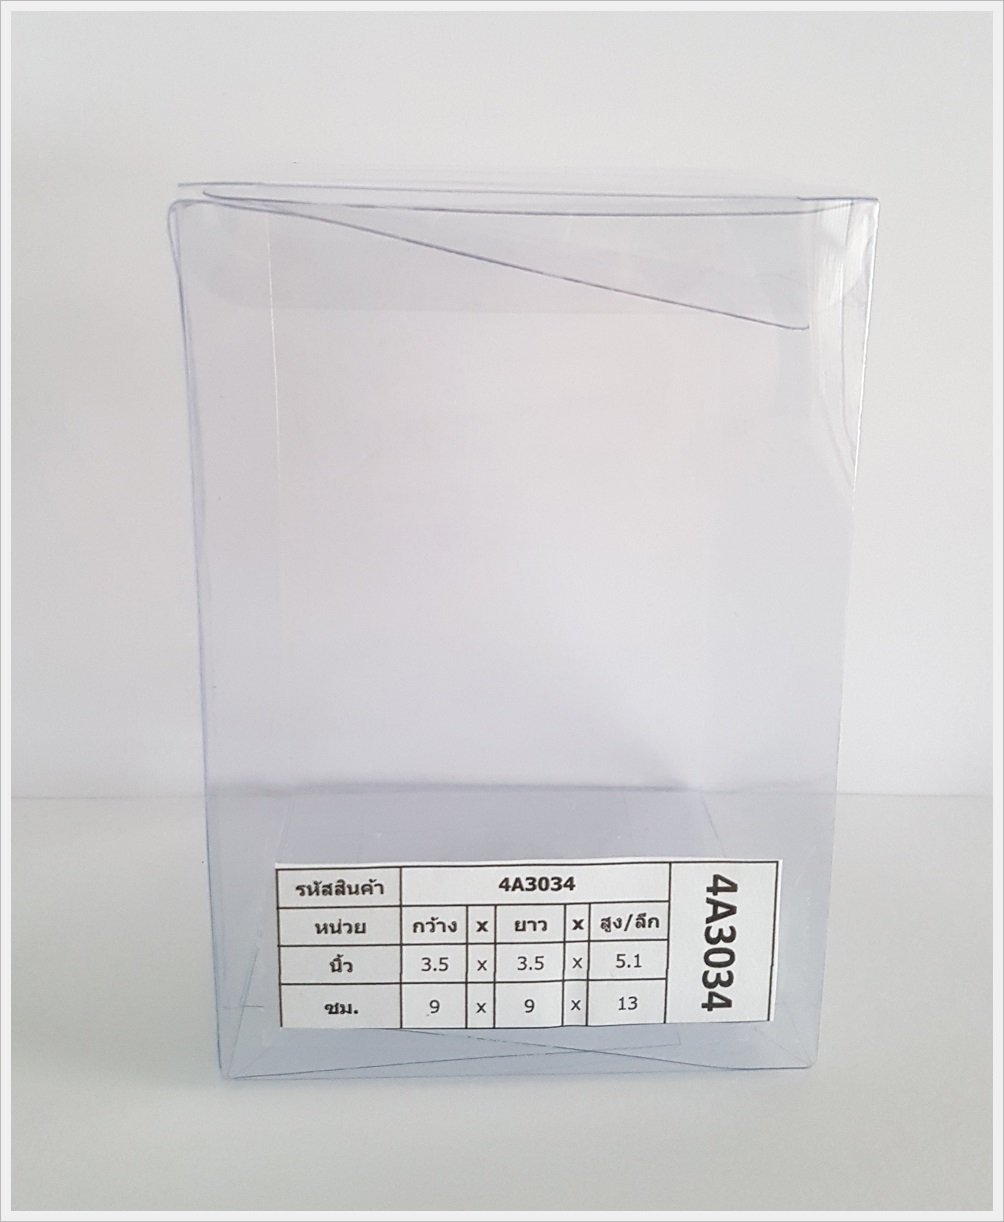 กล่องใส่แก้ว/ตุ๊กตา 9 x 9 x 13 cm